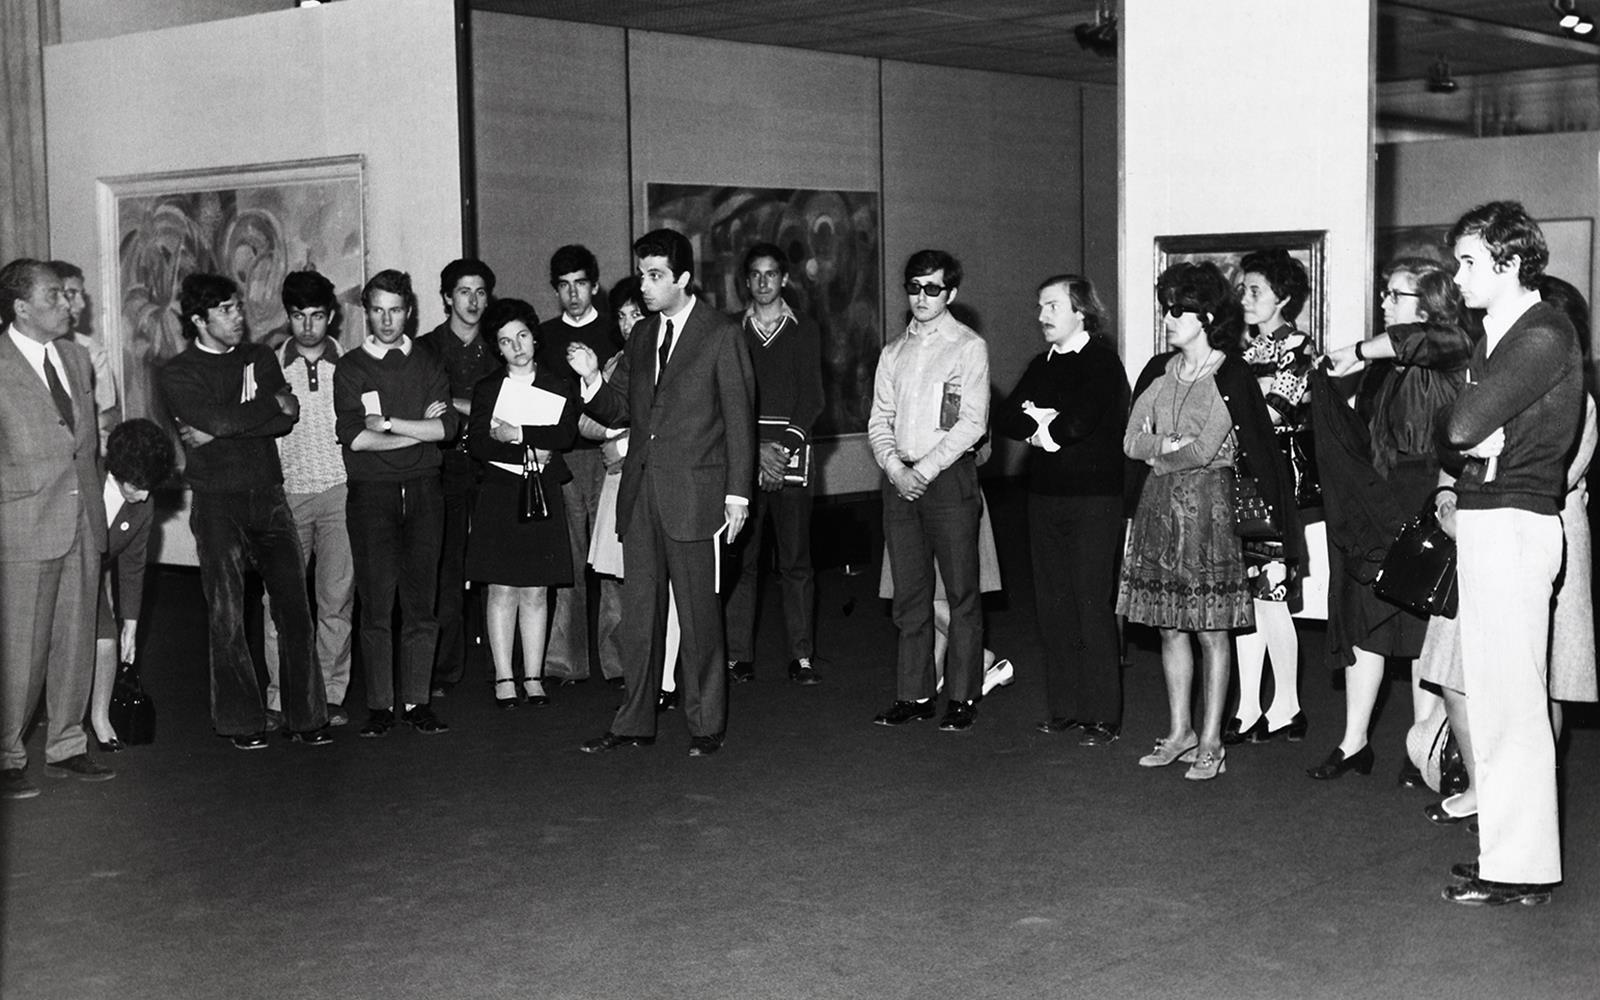 Sonia e Robert Delaunay em Portugal e os seus Amigos Eduardo Vianna, Amadeo de Souza-Cardoso, José Pacheco, Almada Negreiros